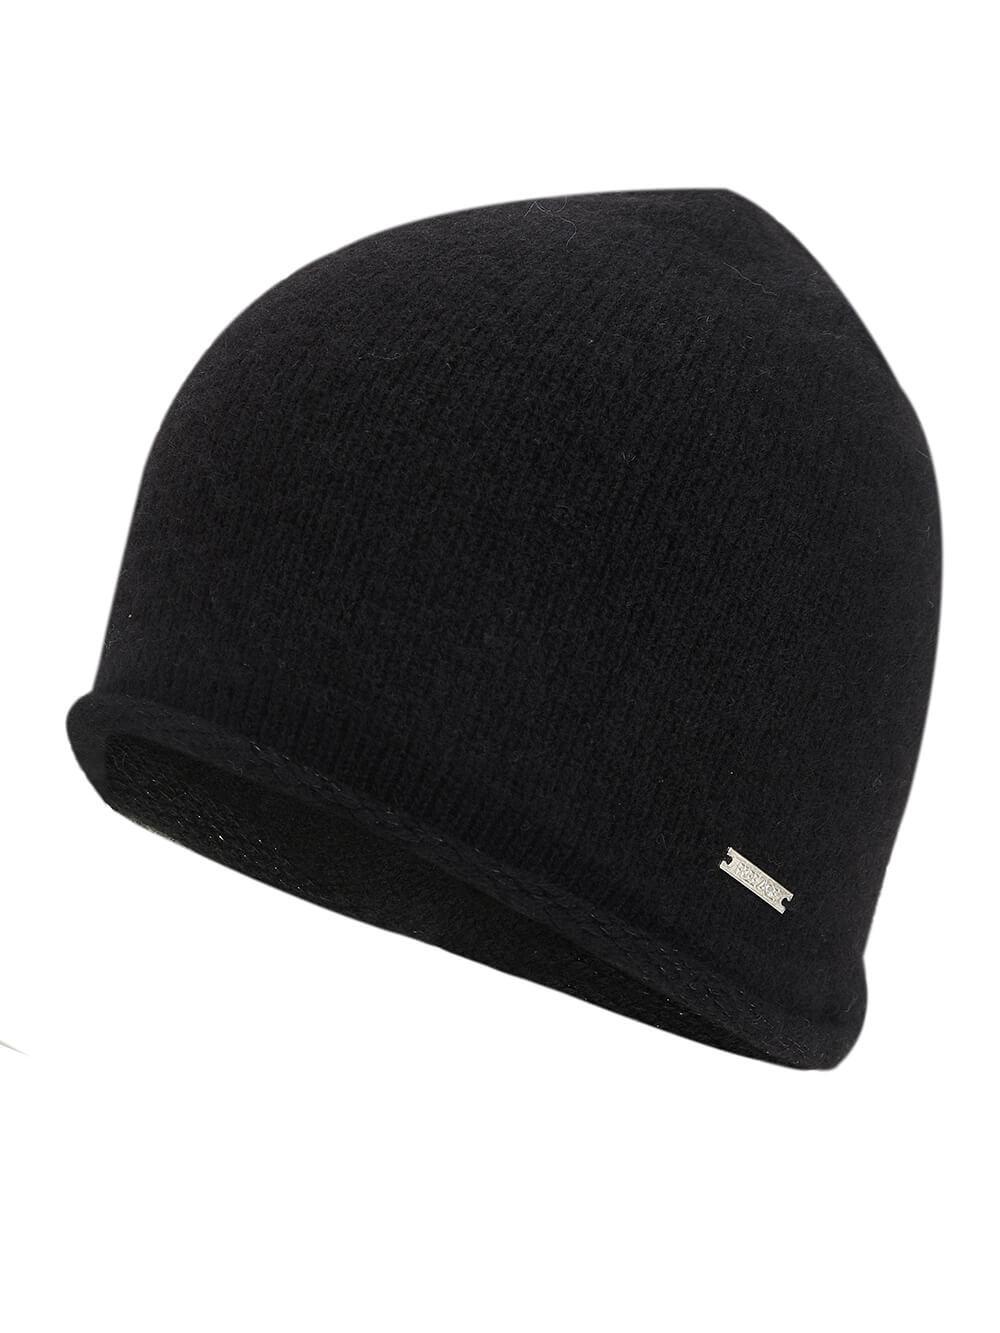 Женская черная шапка из 100% кашемира - фото 1